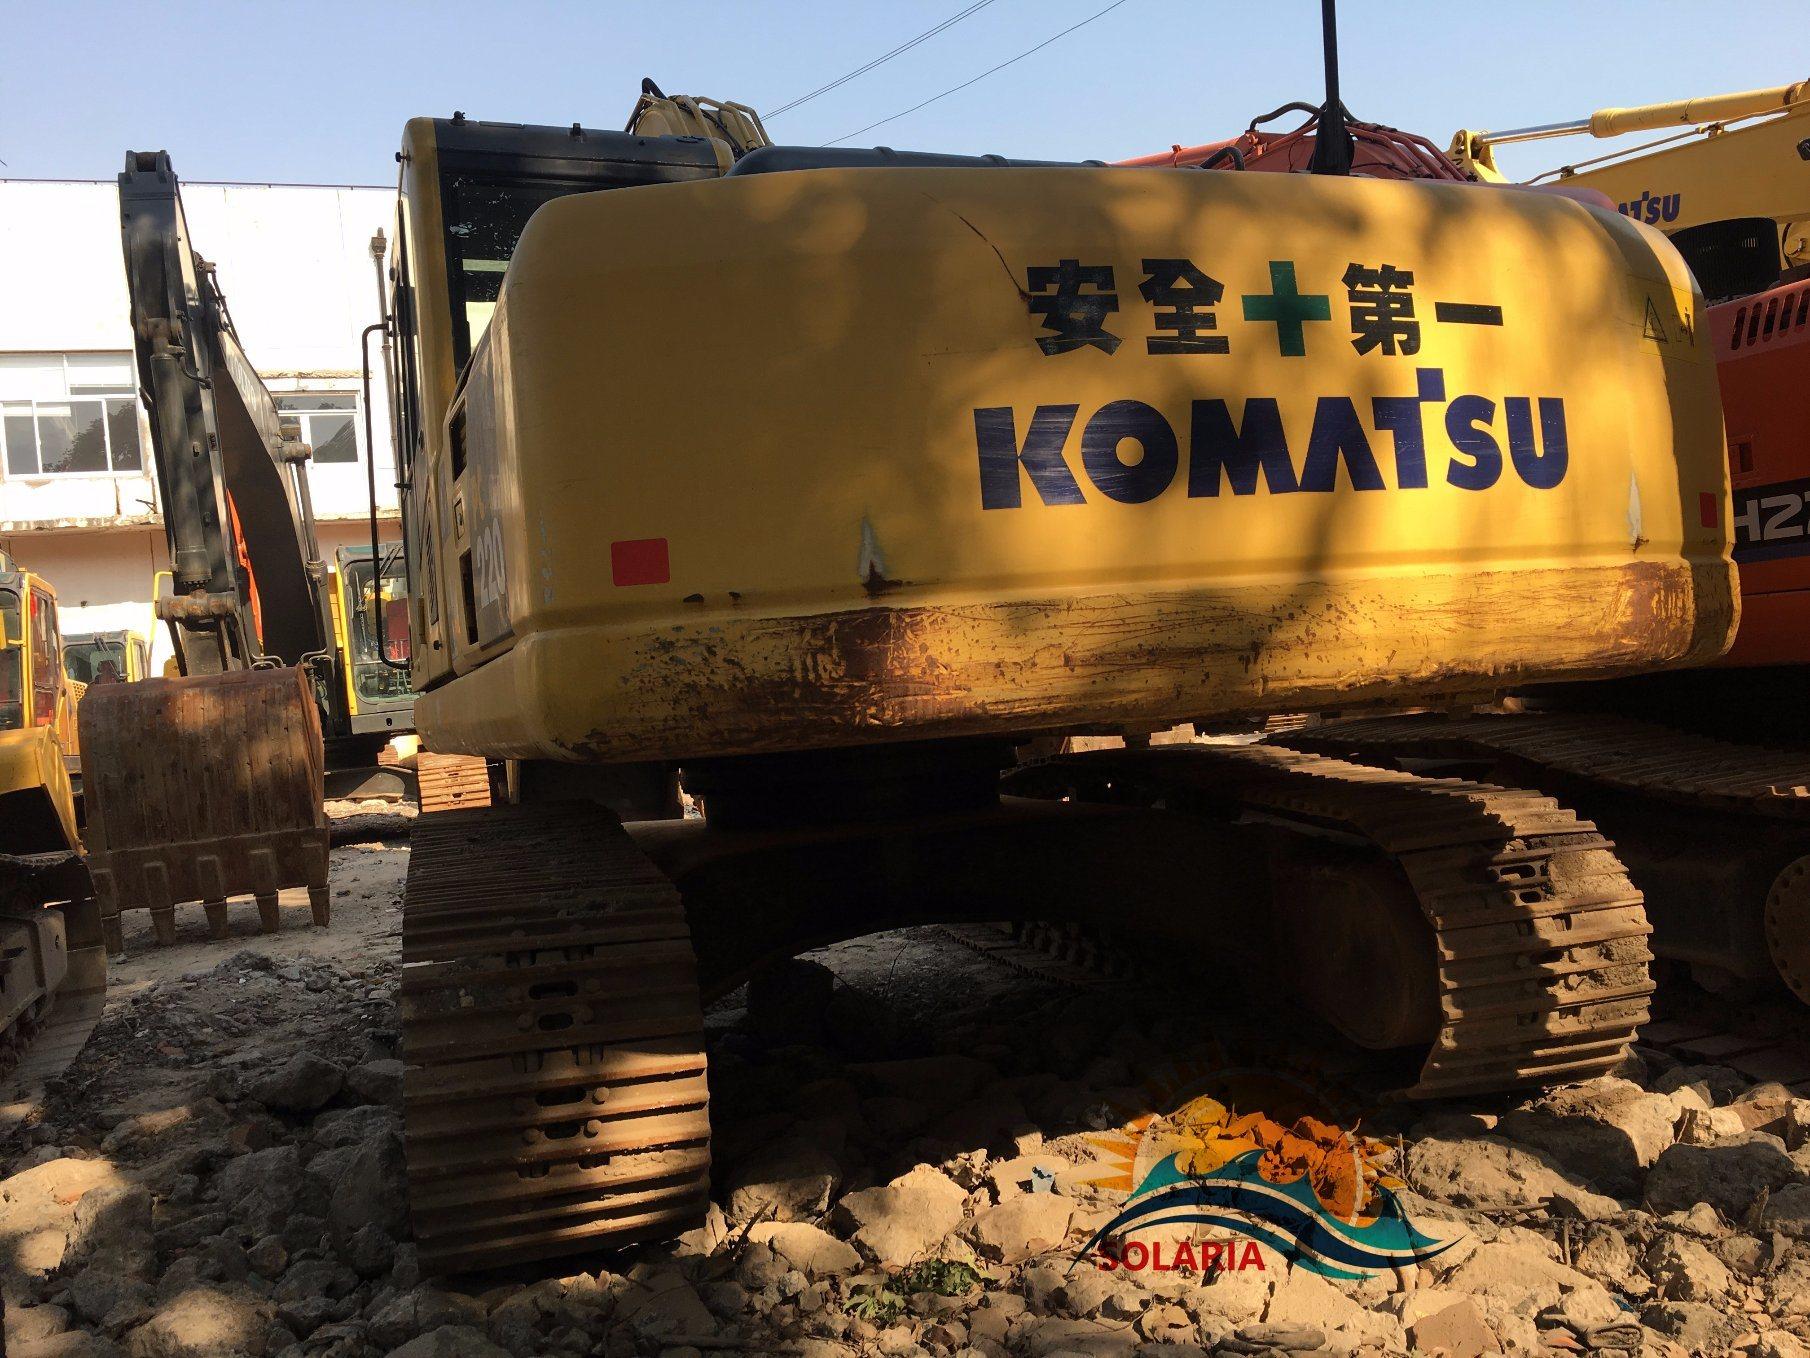 Komatsu PC220-8 Crawler Excavator Komats...